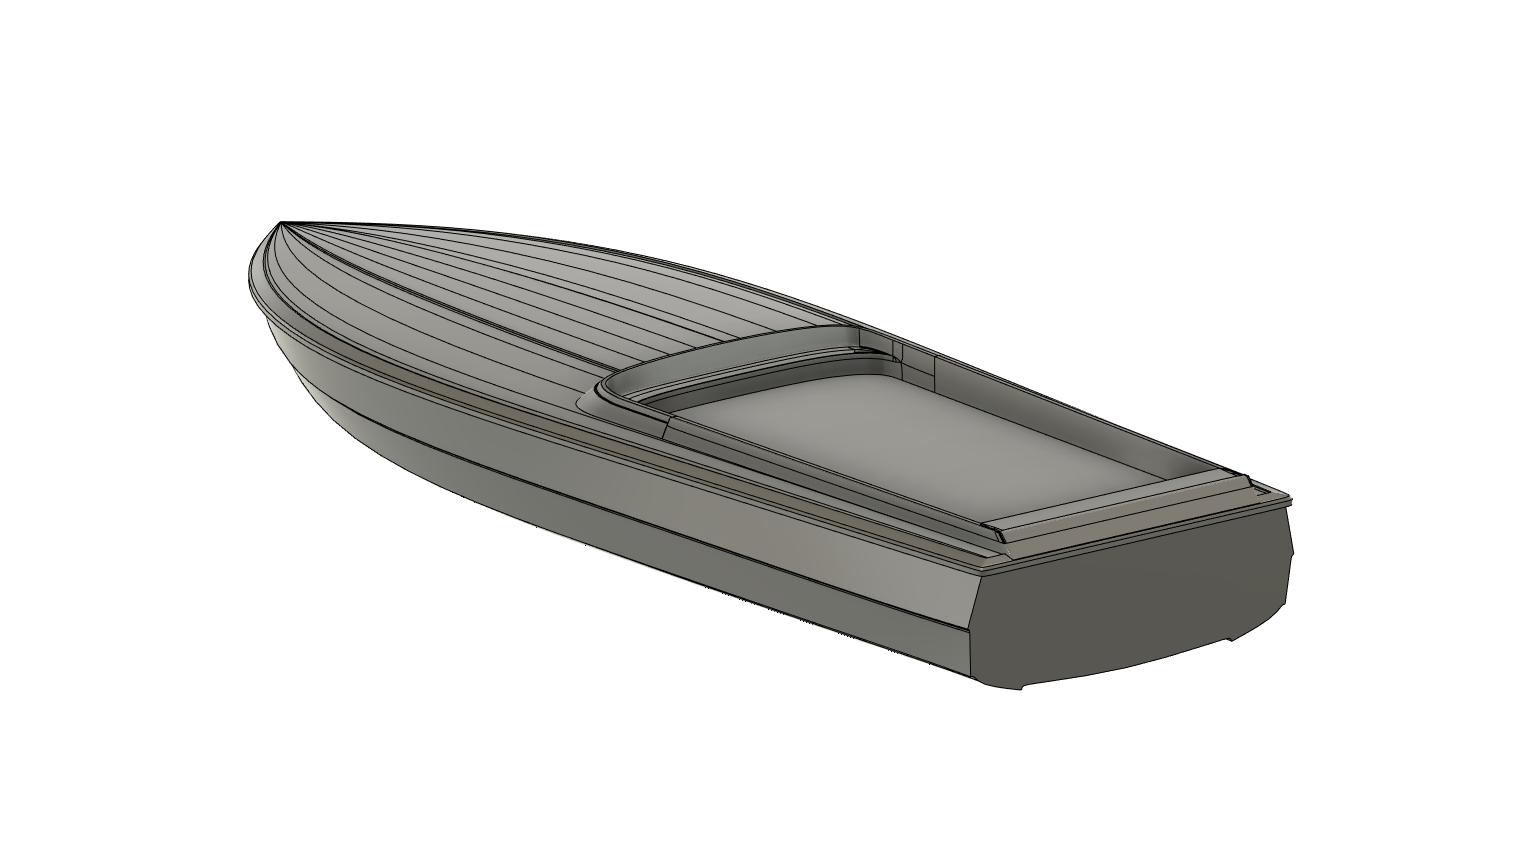 3D digital CAD model of a racing boat